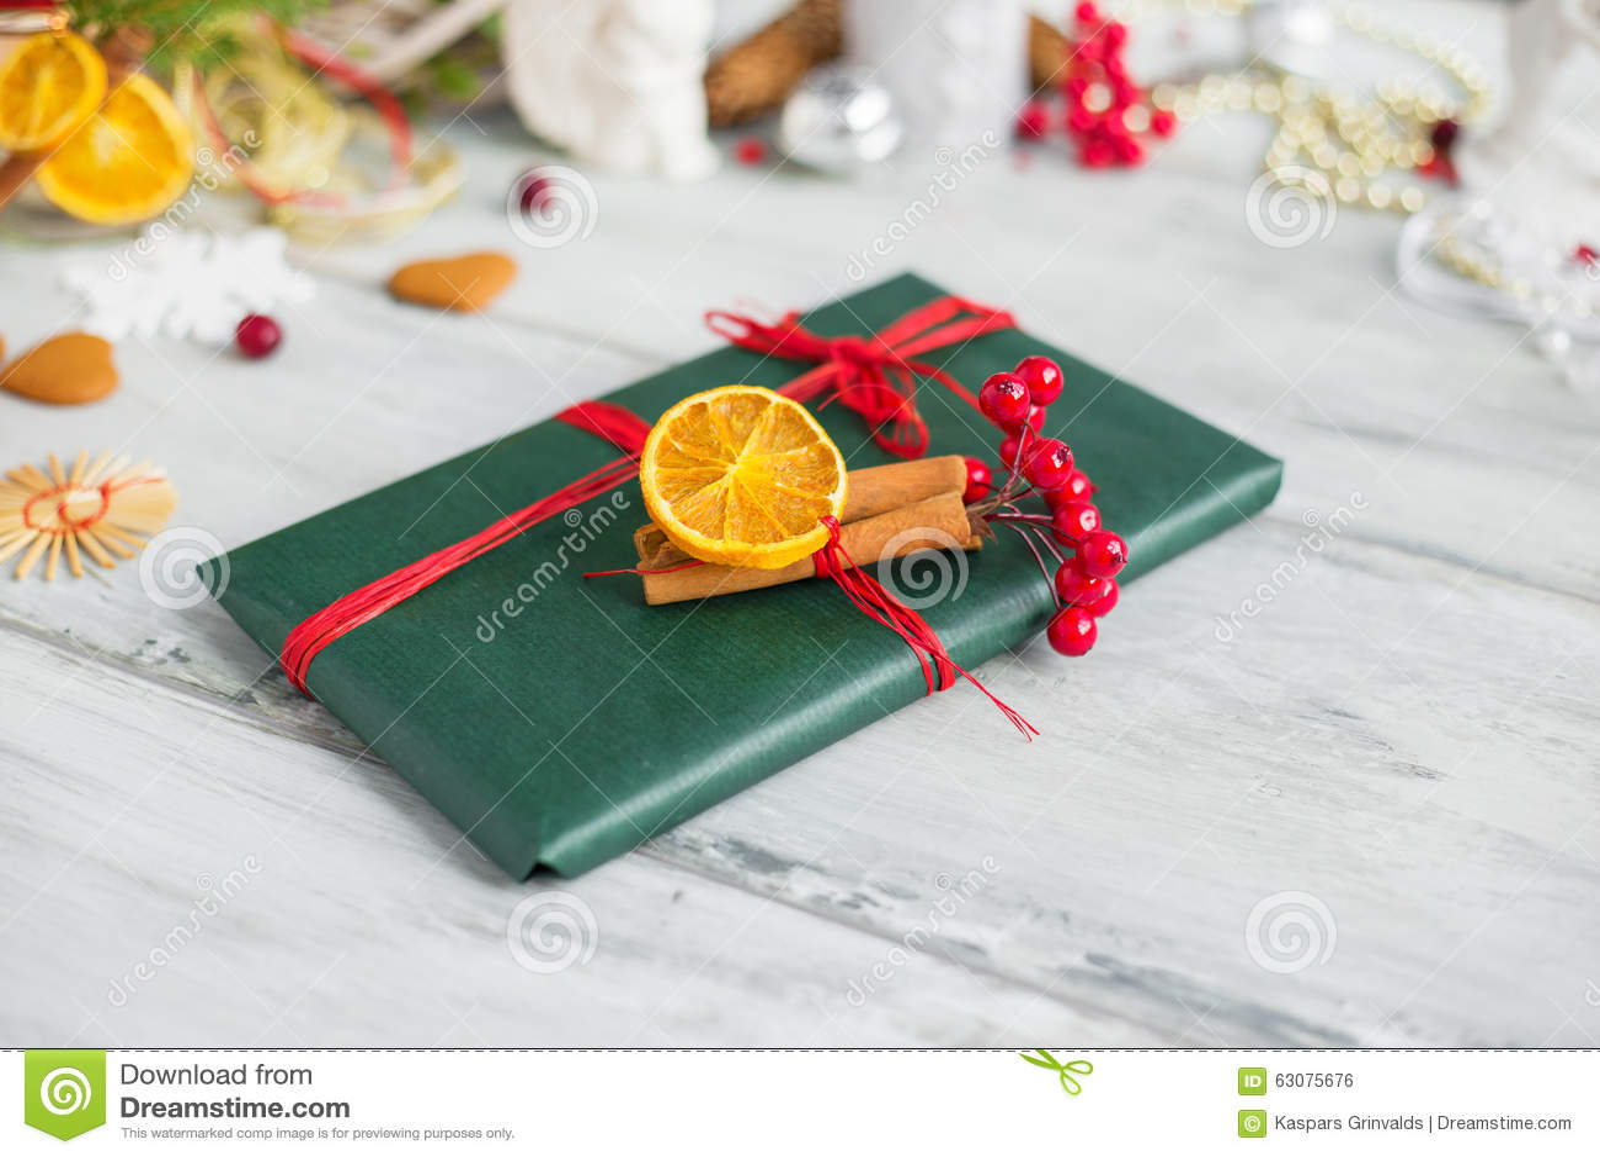 Download Présent pour Noël photo stock. Image du enveloppé, bureau - 63075676